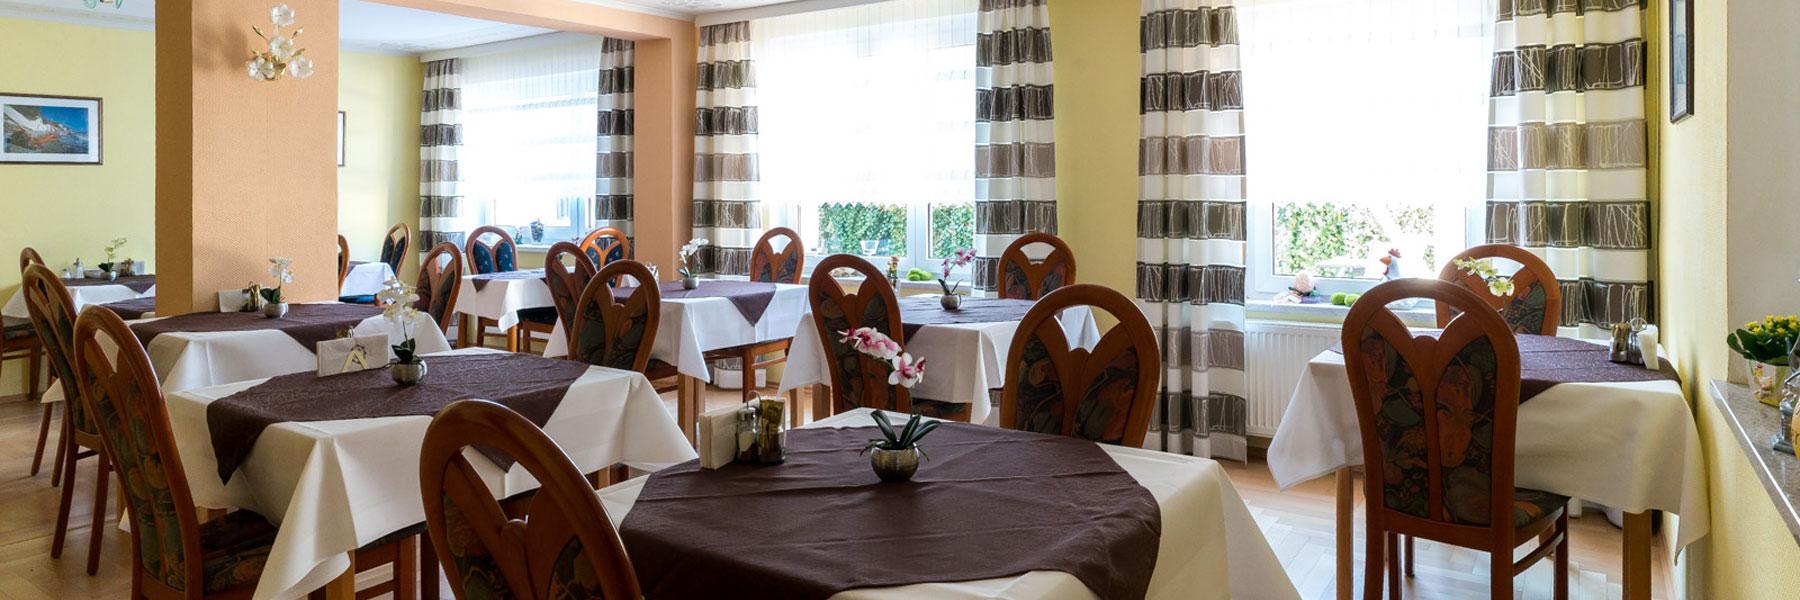 Frühstücksraum - Hotel Adler